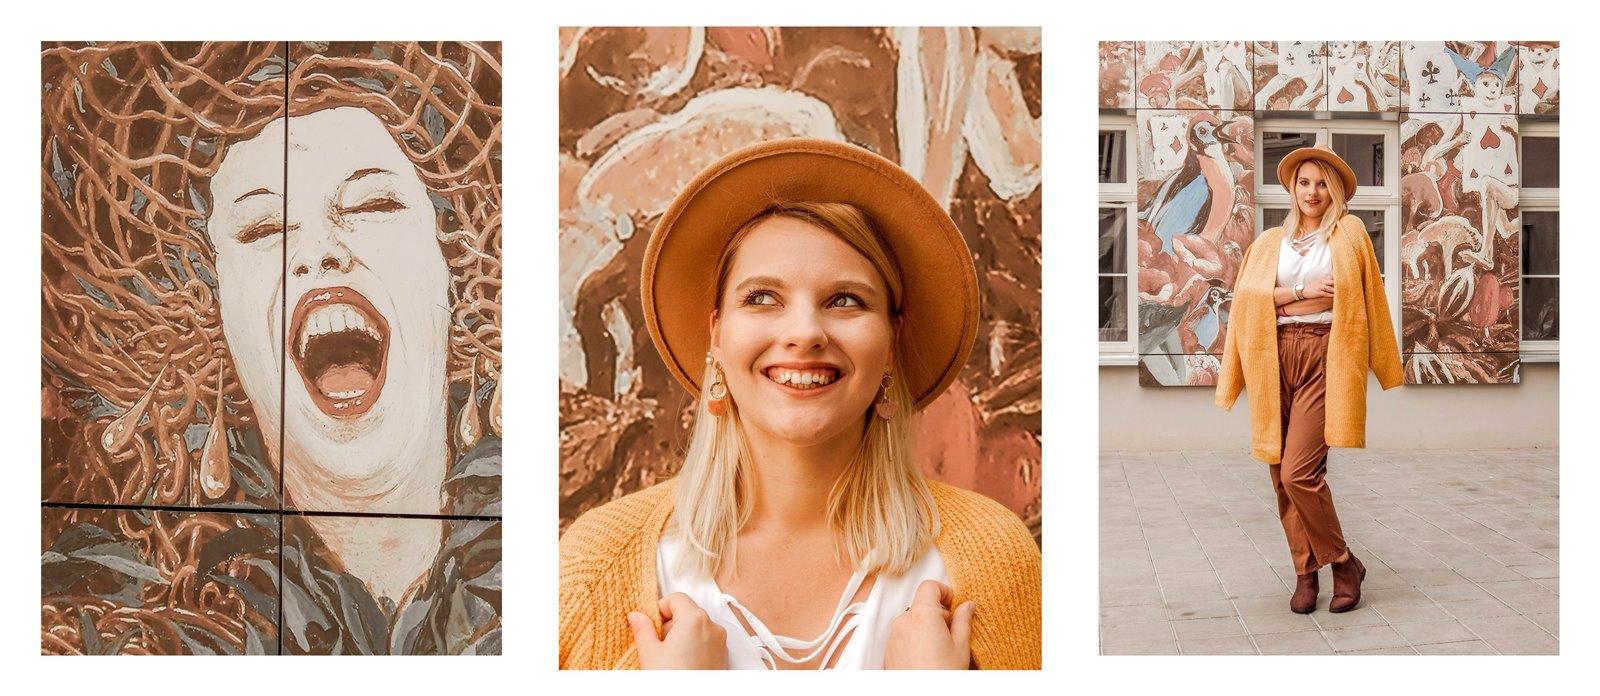 10 łódź podwórko artystyczne przy ul. Więckowskiego 4 murale łódzkie graffiti artystyczne podwórka miejsca które warto zobaczyć instafriendly miejsca w łodzi na sesje zdjęciowe dla blogerów ładne piękne kolorowe